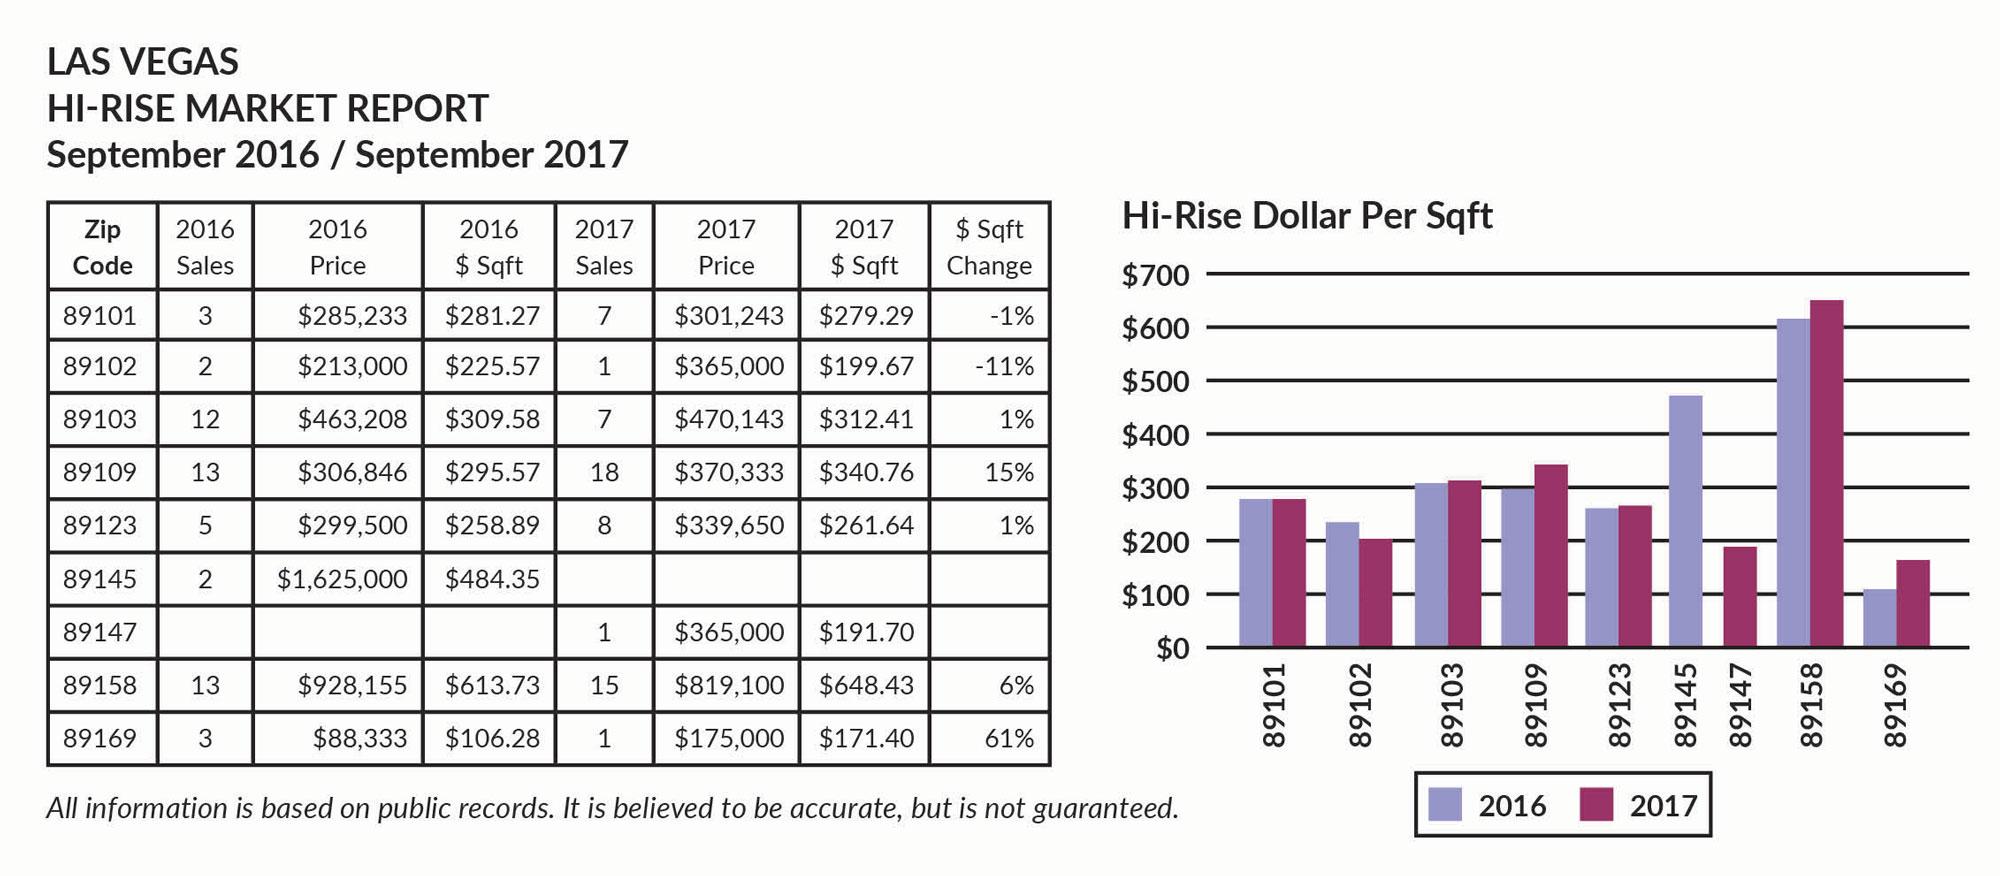 Hi-Rise Market report